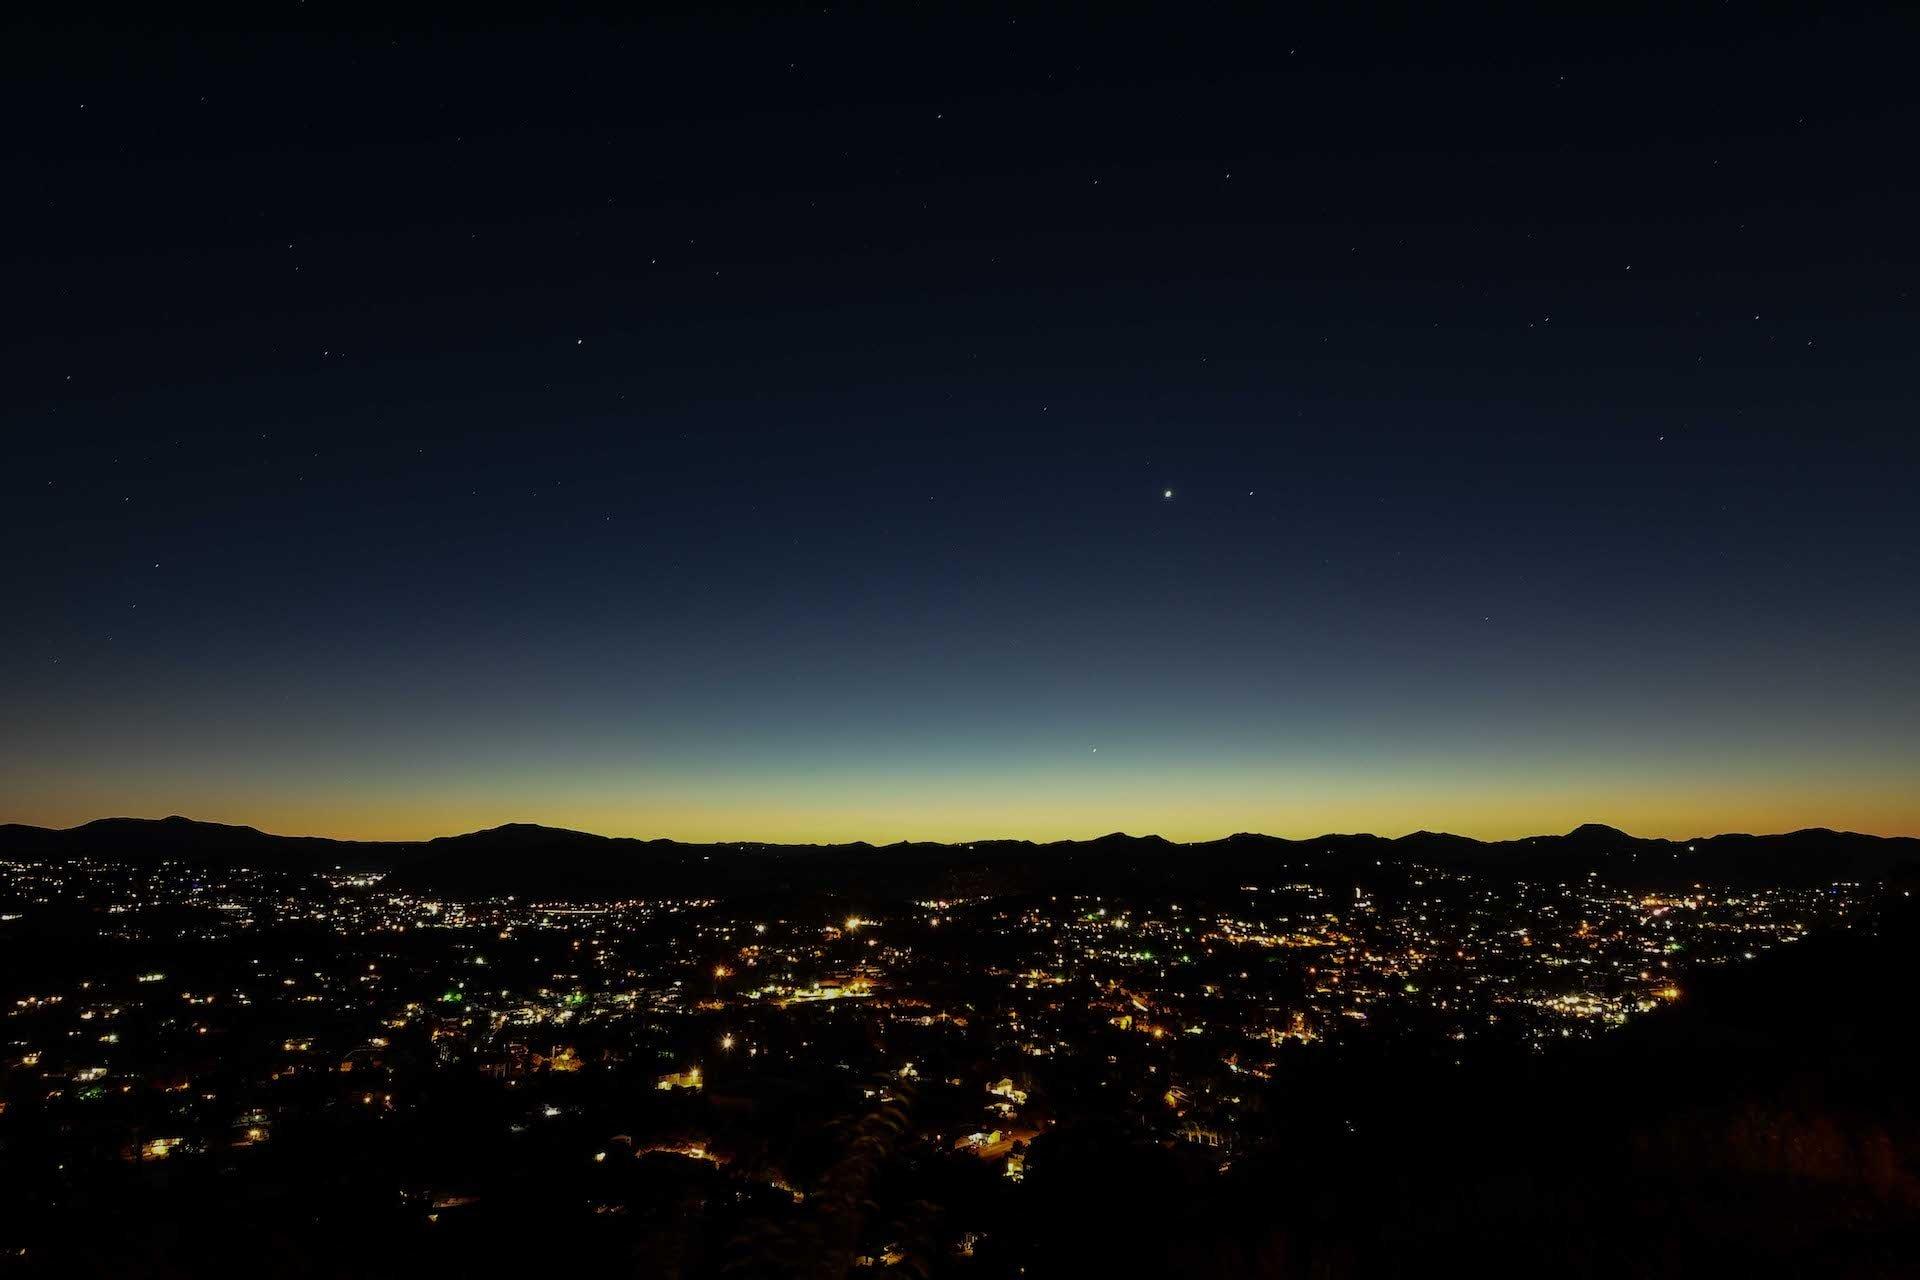 Randy Siegel - Astronomical Twlight